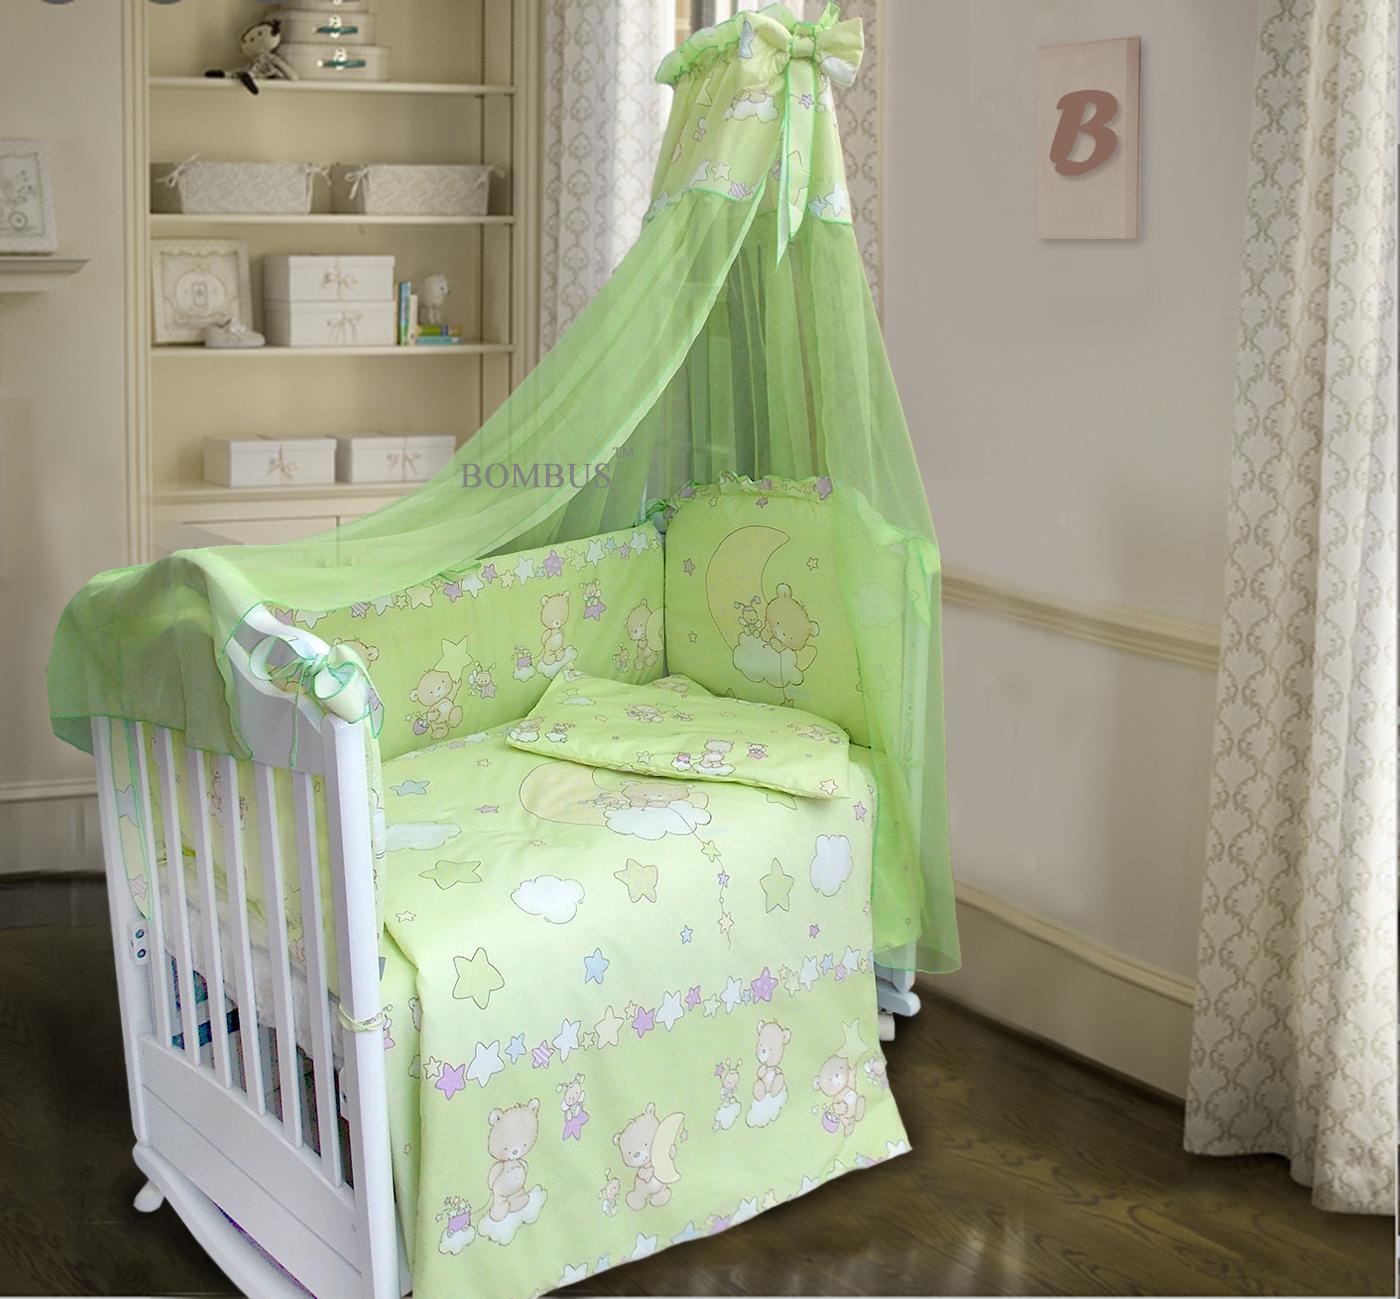 Бампер в кроватку - Павлуша, зеленыйБампер в кроватку<br>Бампер в кроватку - Павлуша, зеленый<br>